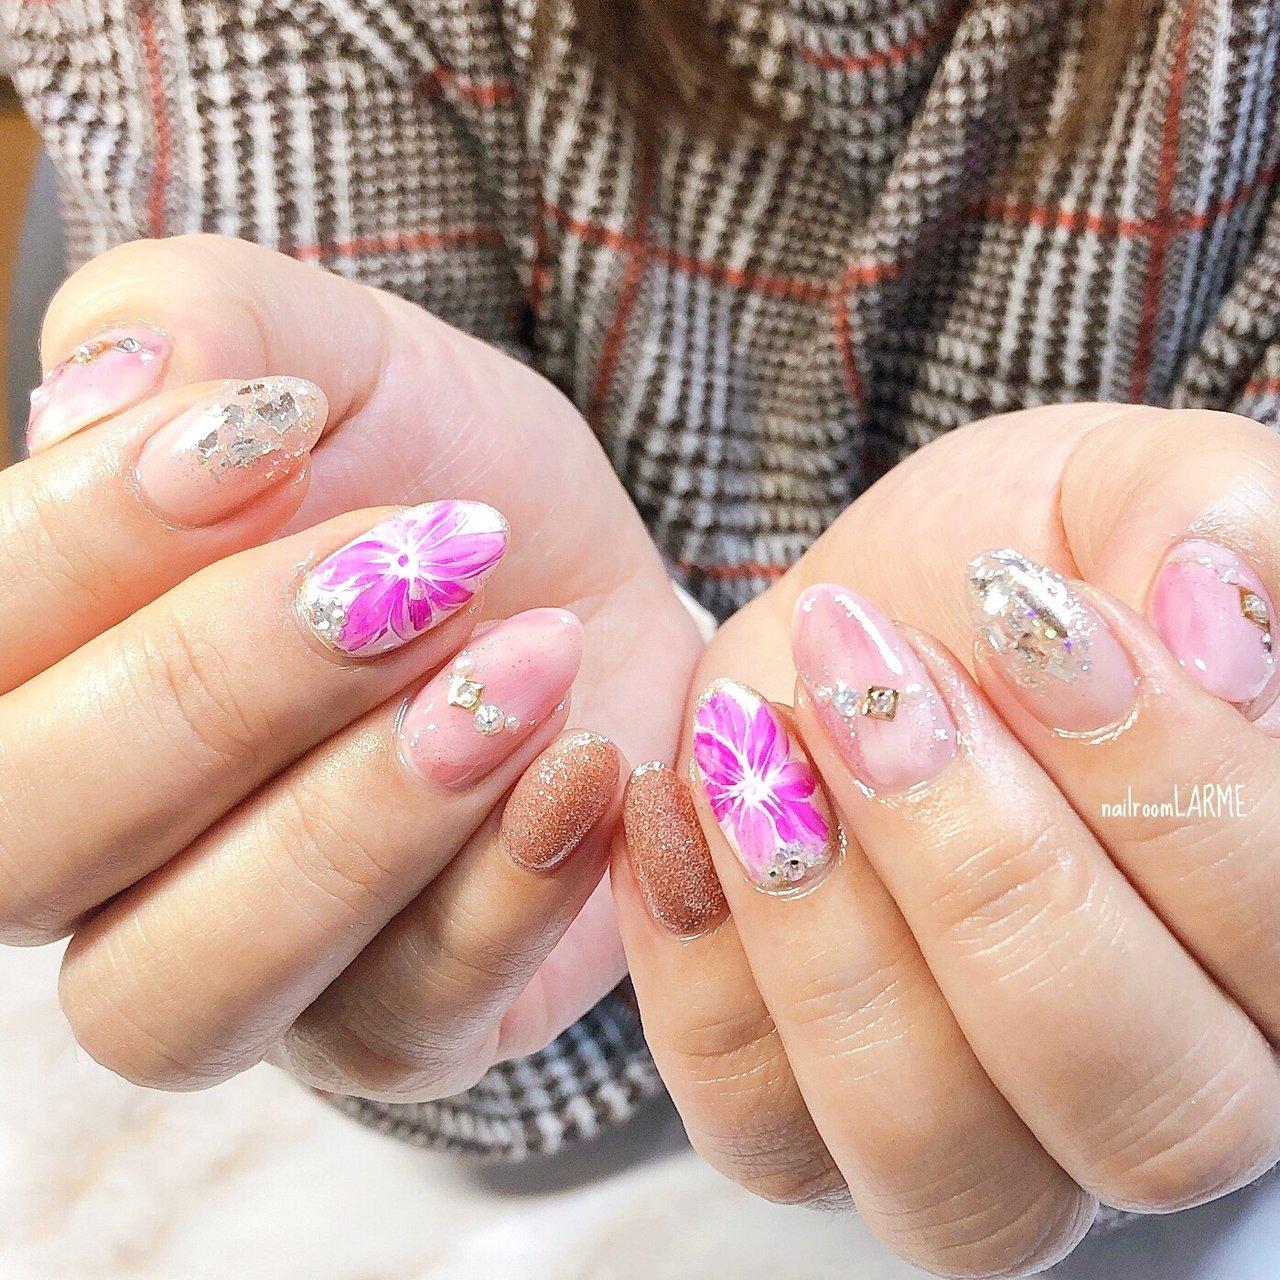 #持ち込みデザイン #春 #ピンク #キラキラ #ラメ #フラワー #nailroomLARME #ネイルブック